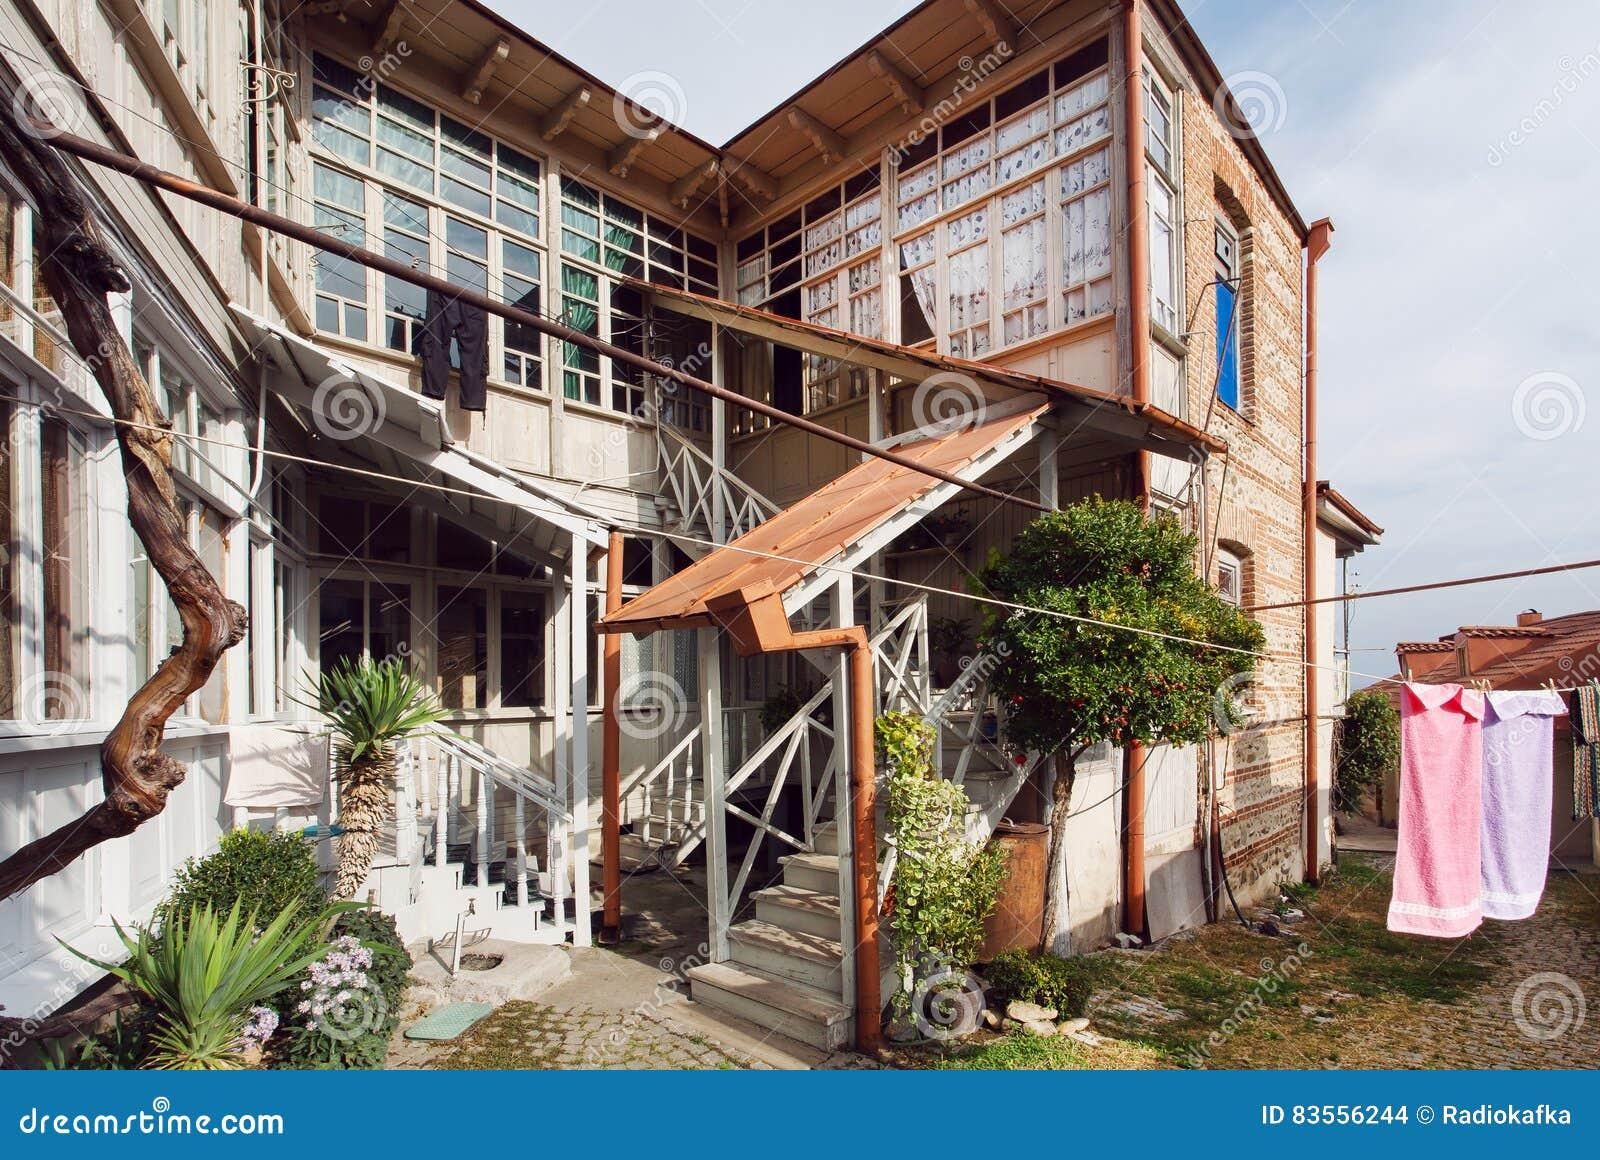 Casa de madera simple con las ventanas grandes y dos pisos for Casas de madera de dos pisos